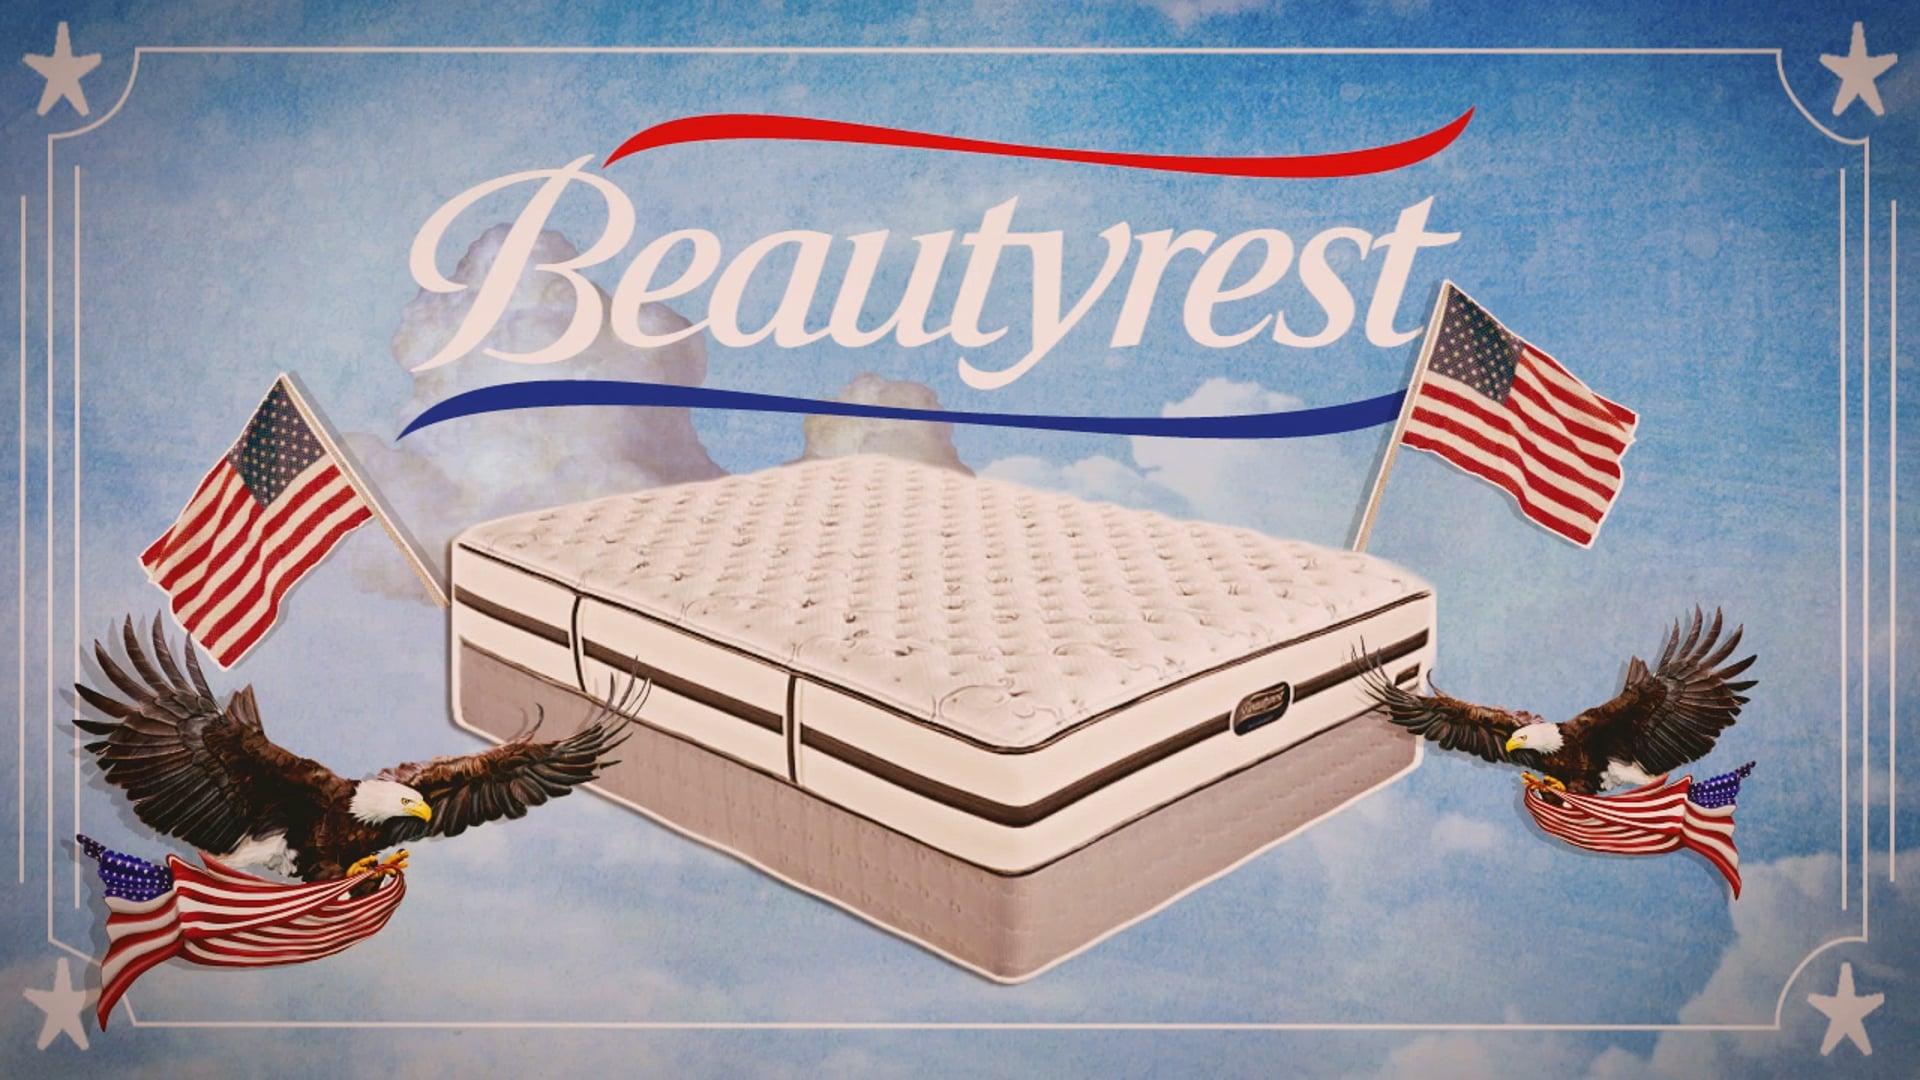 Beautyrest 05